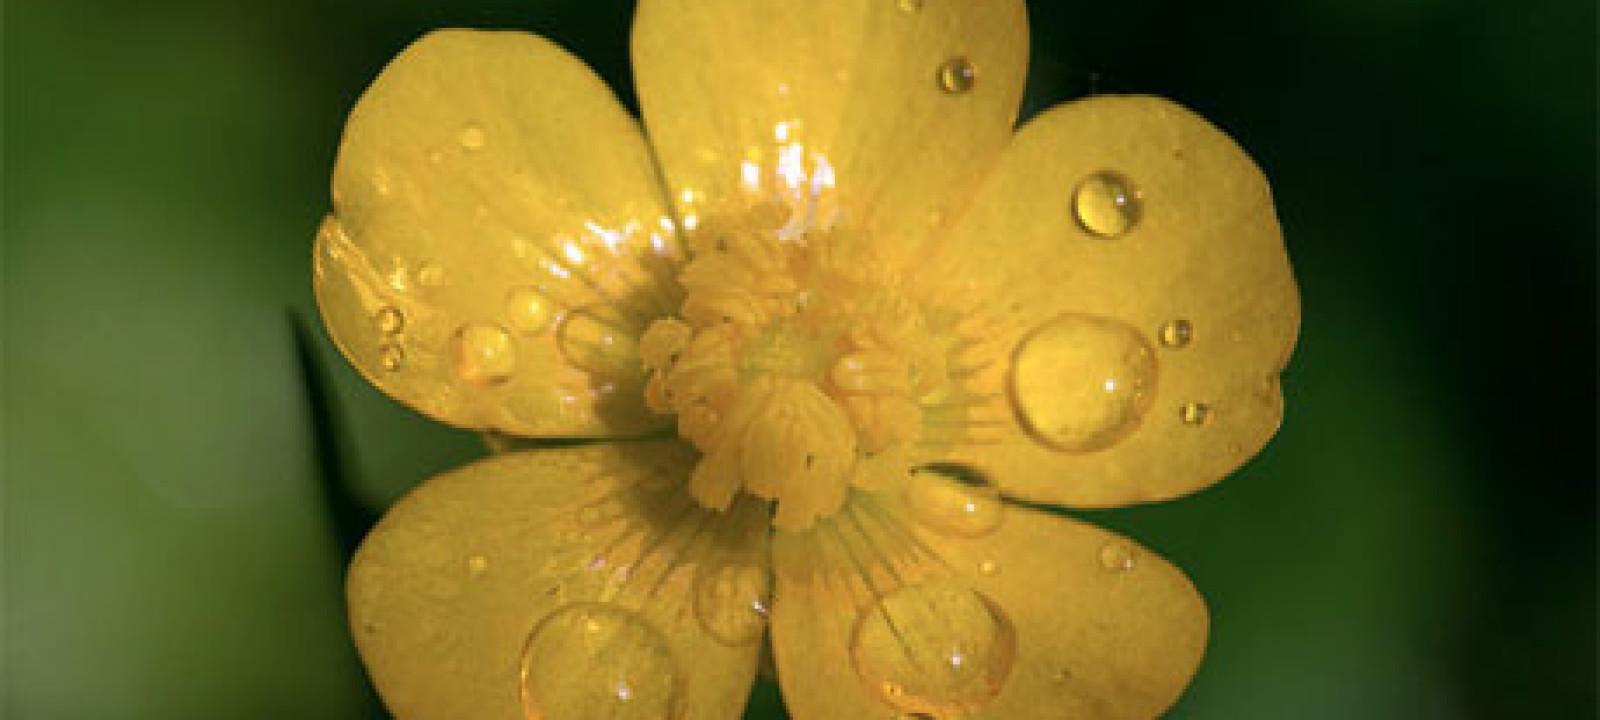 A buttercup